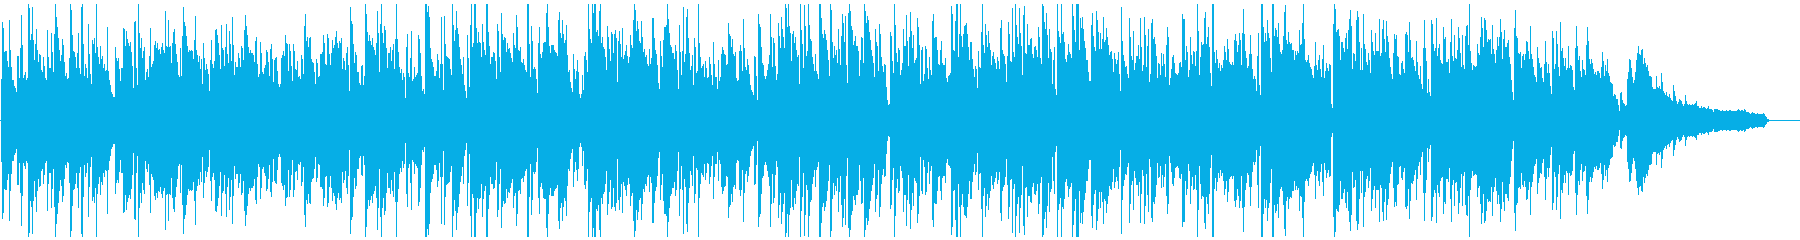 柔らかサックスのリラックス・ボサノバの再生済みの波形